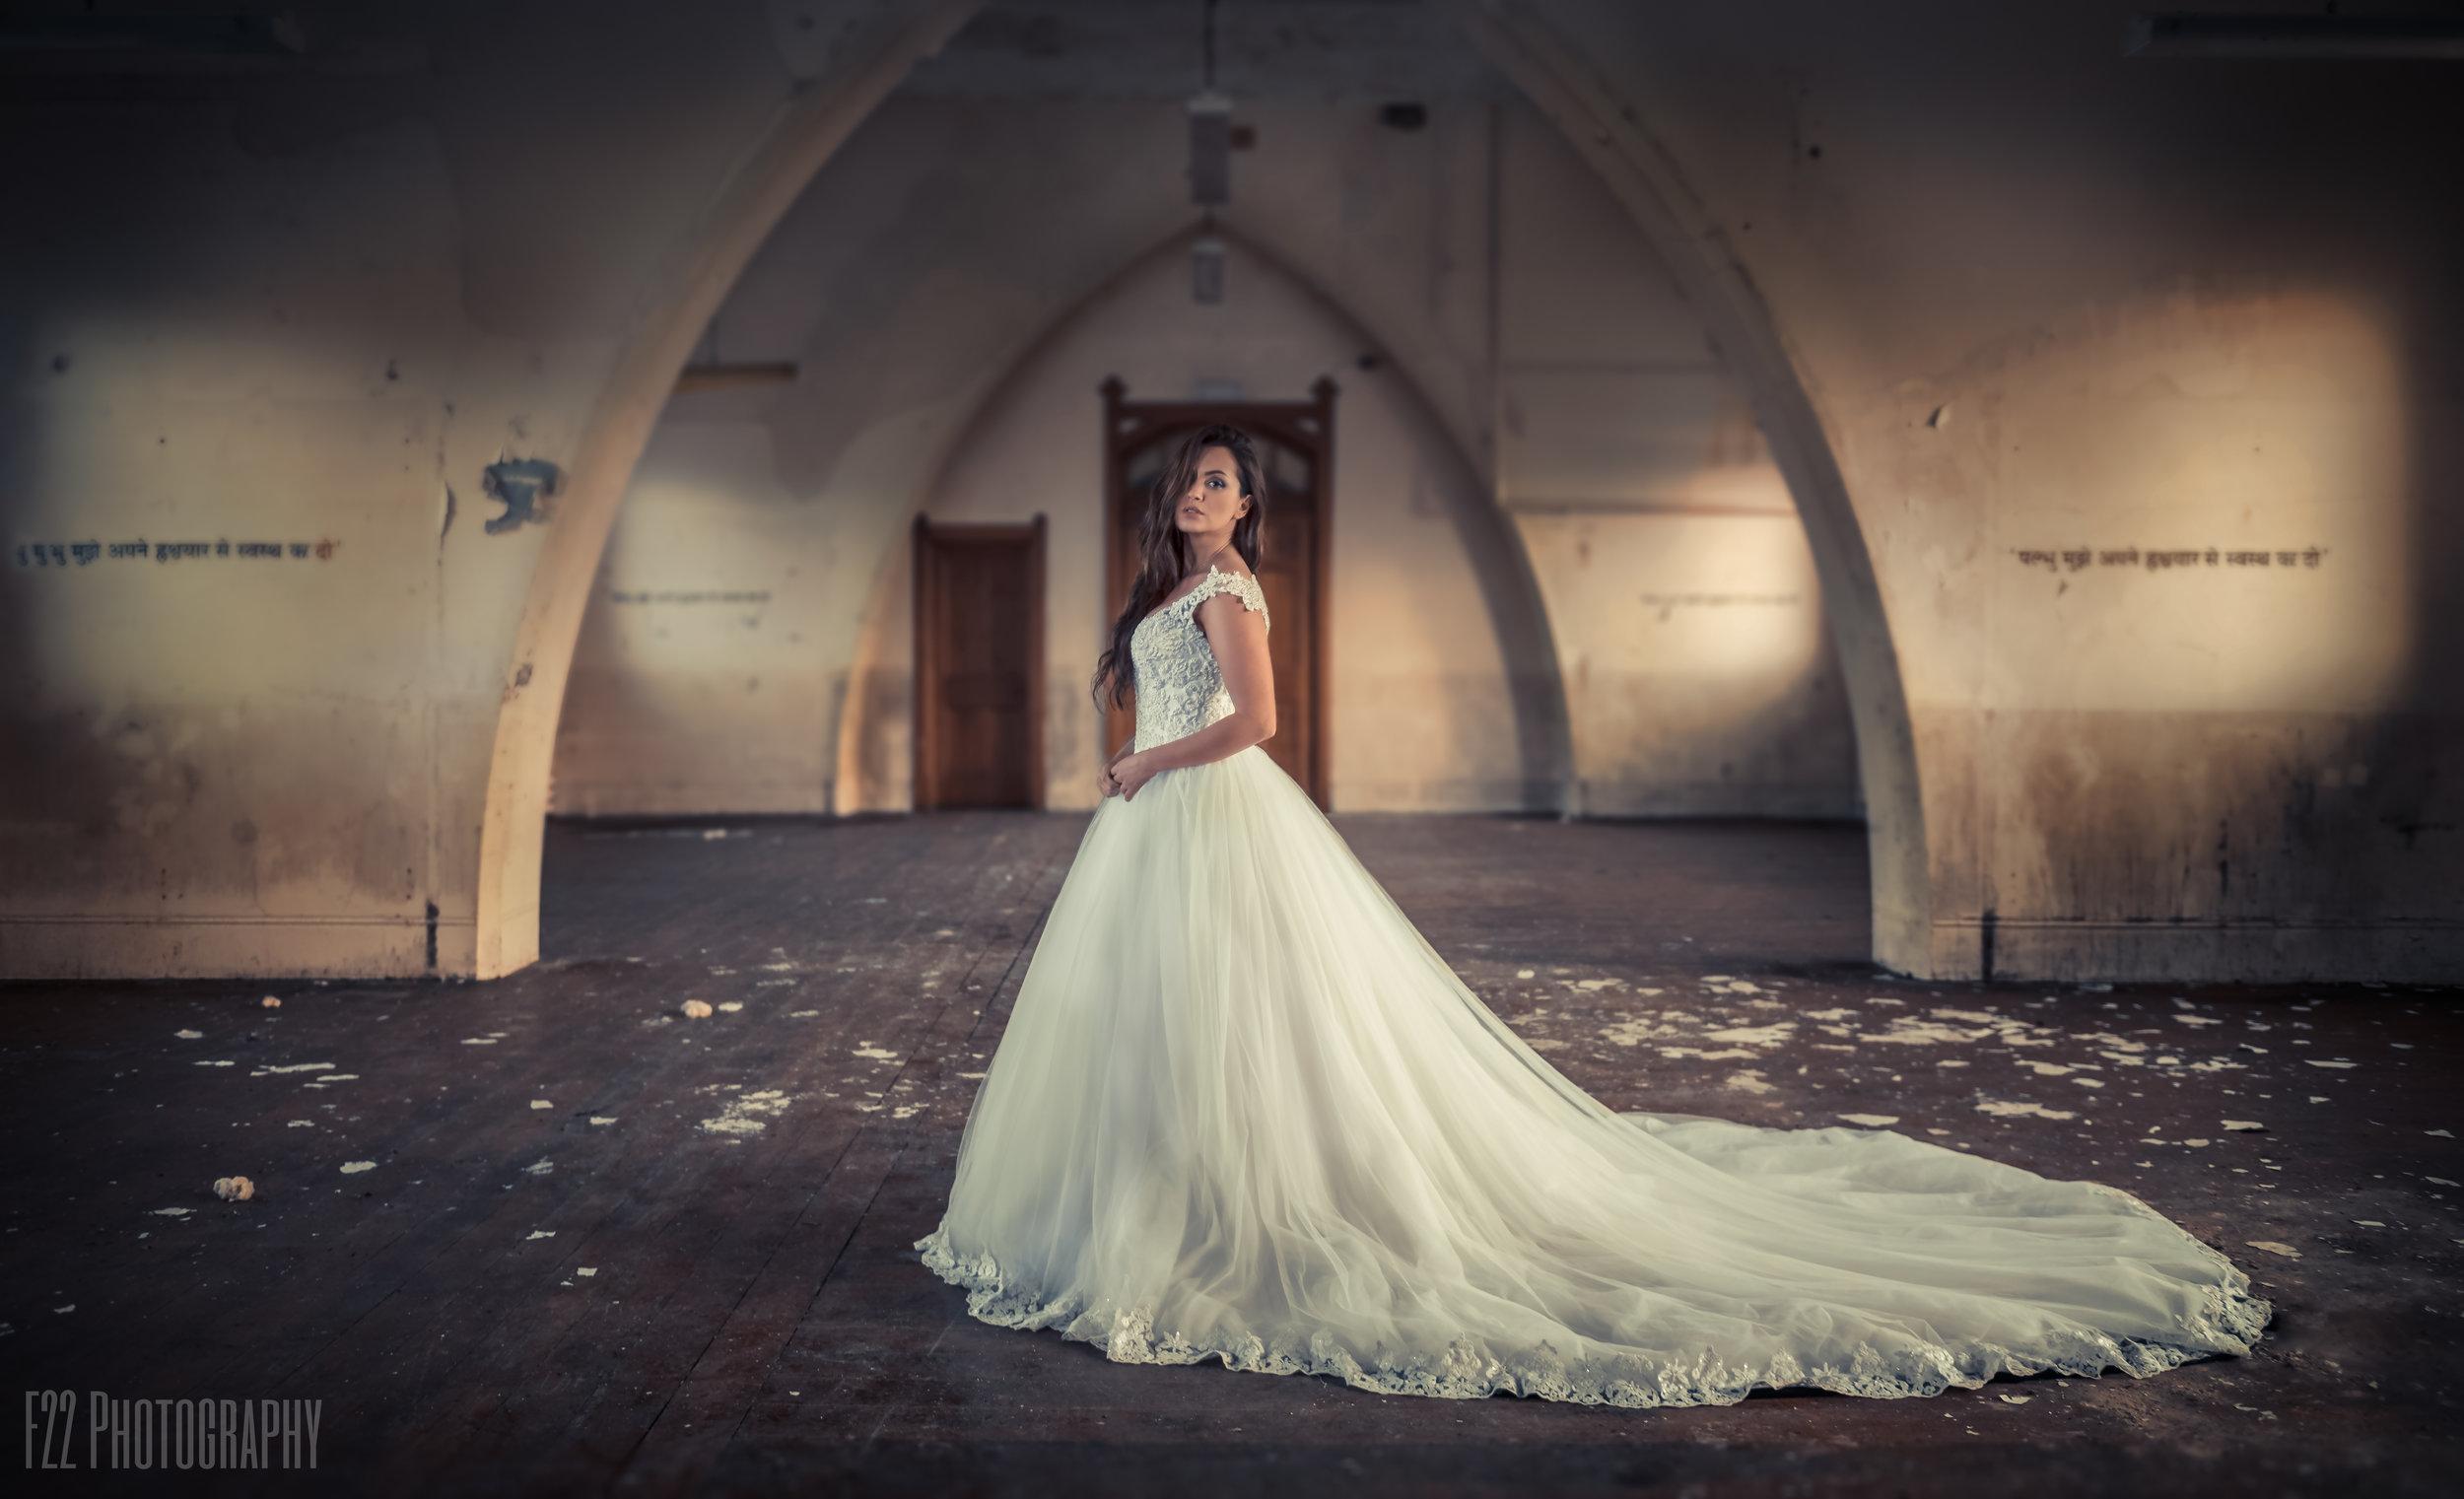 Model shoot - Amanda